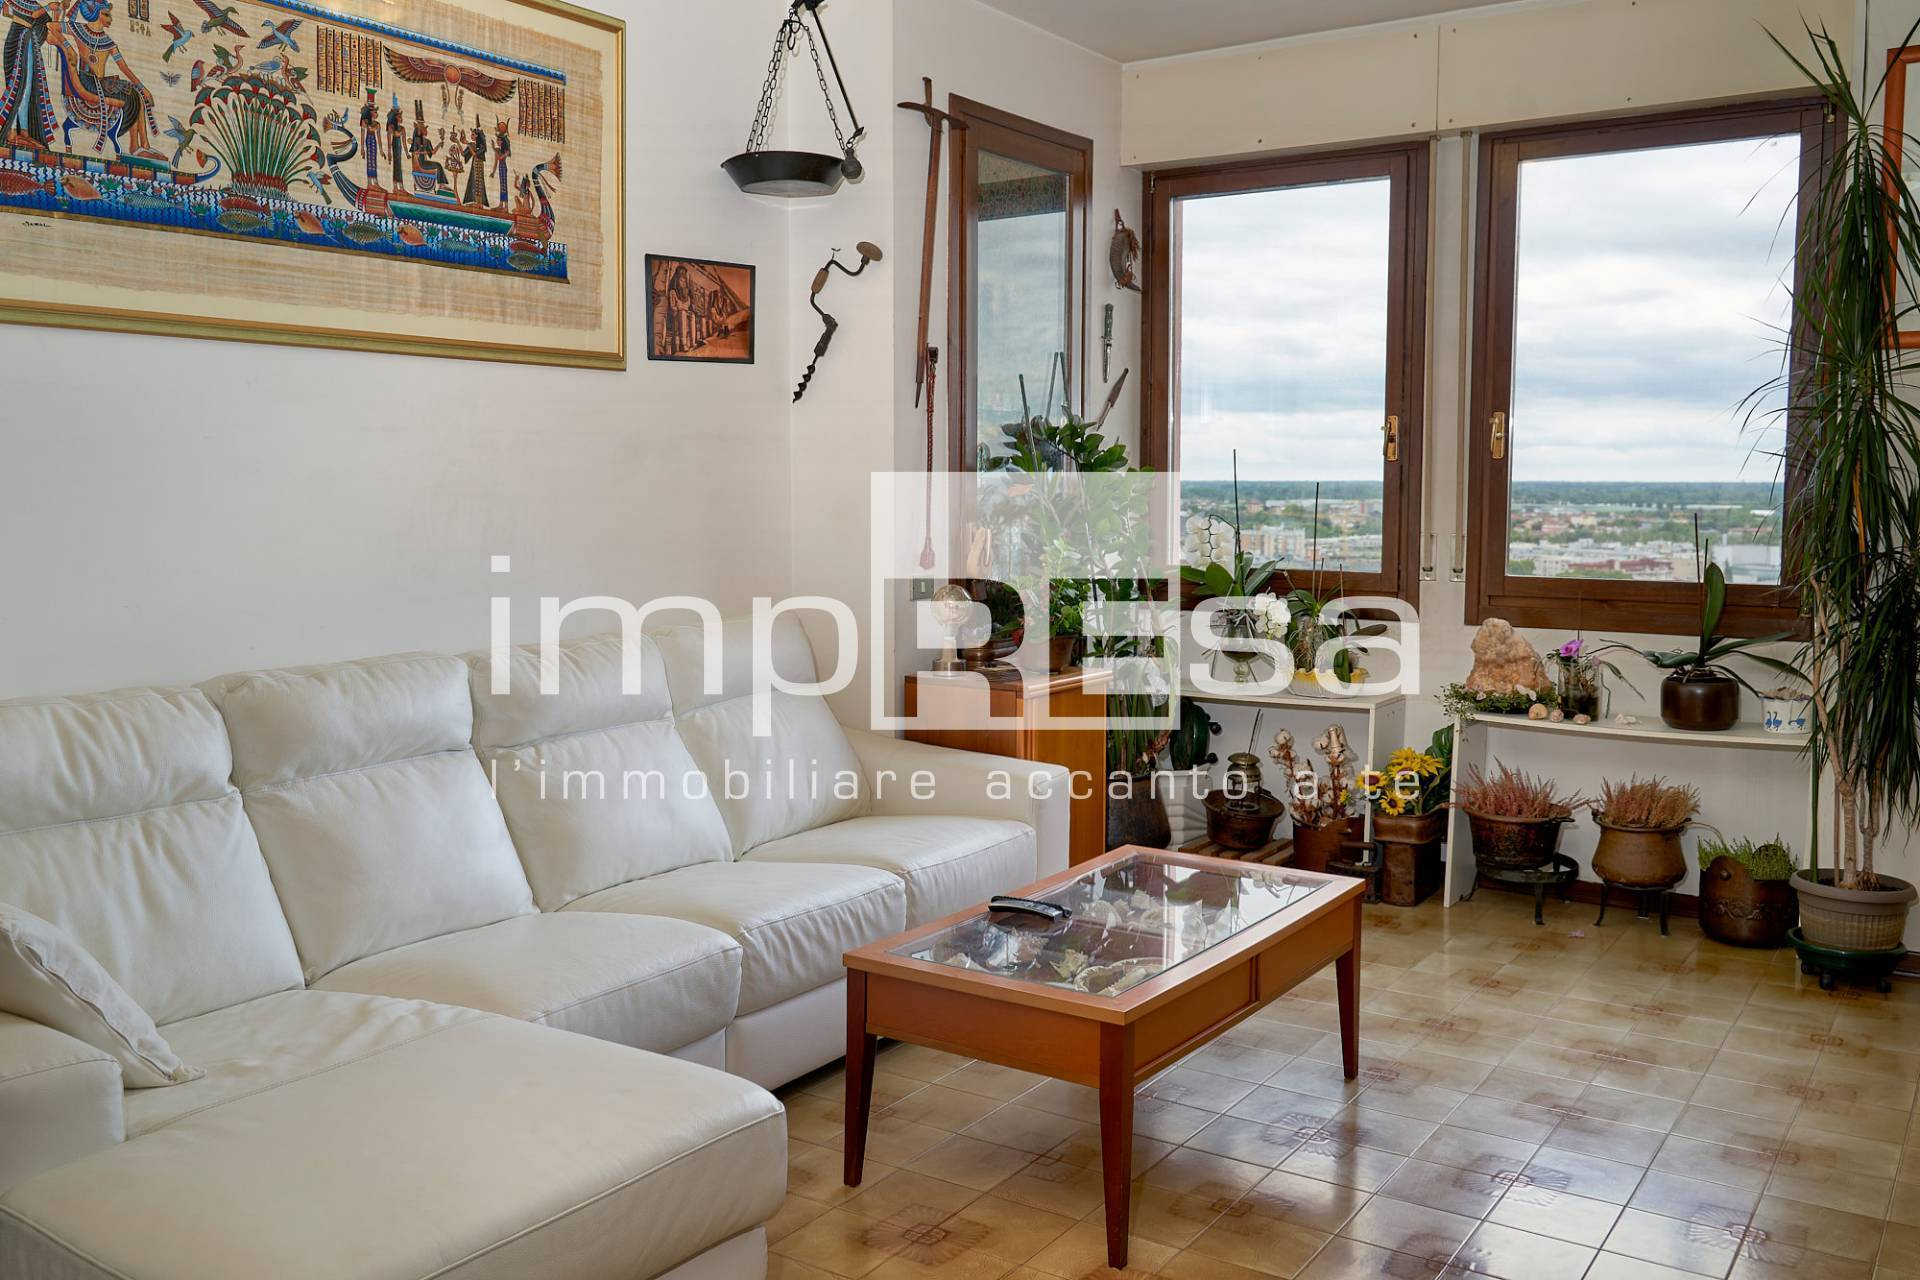 Attico / Mansarda in vendita a Pordenone, 9 locali, zona ro, prezzo € 158.000 | PortaleAgenzieImmobiliari.it